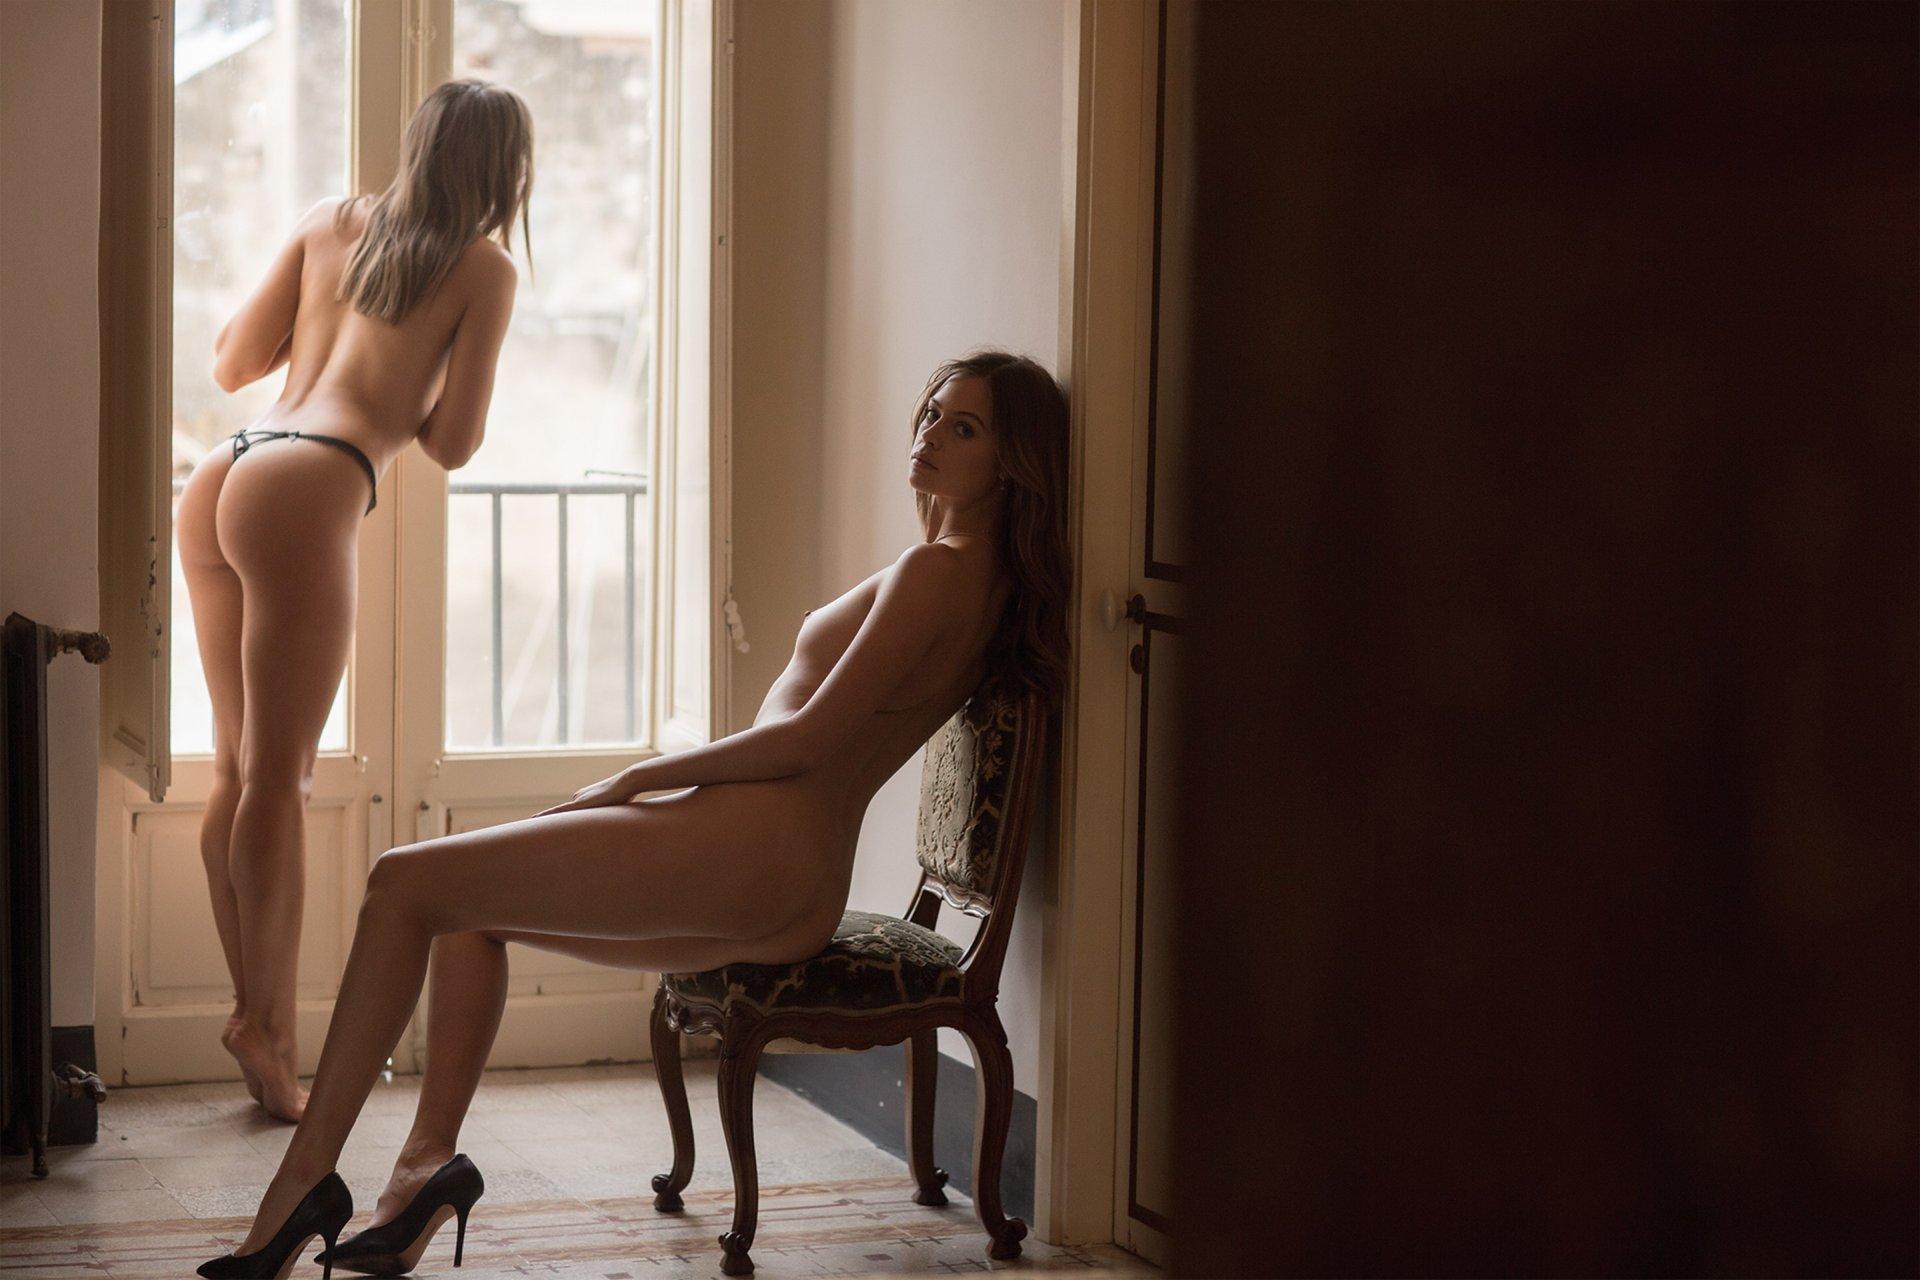 Jessica clarke nude